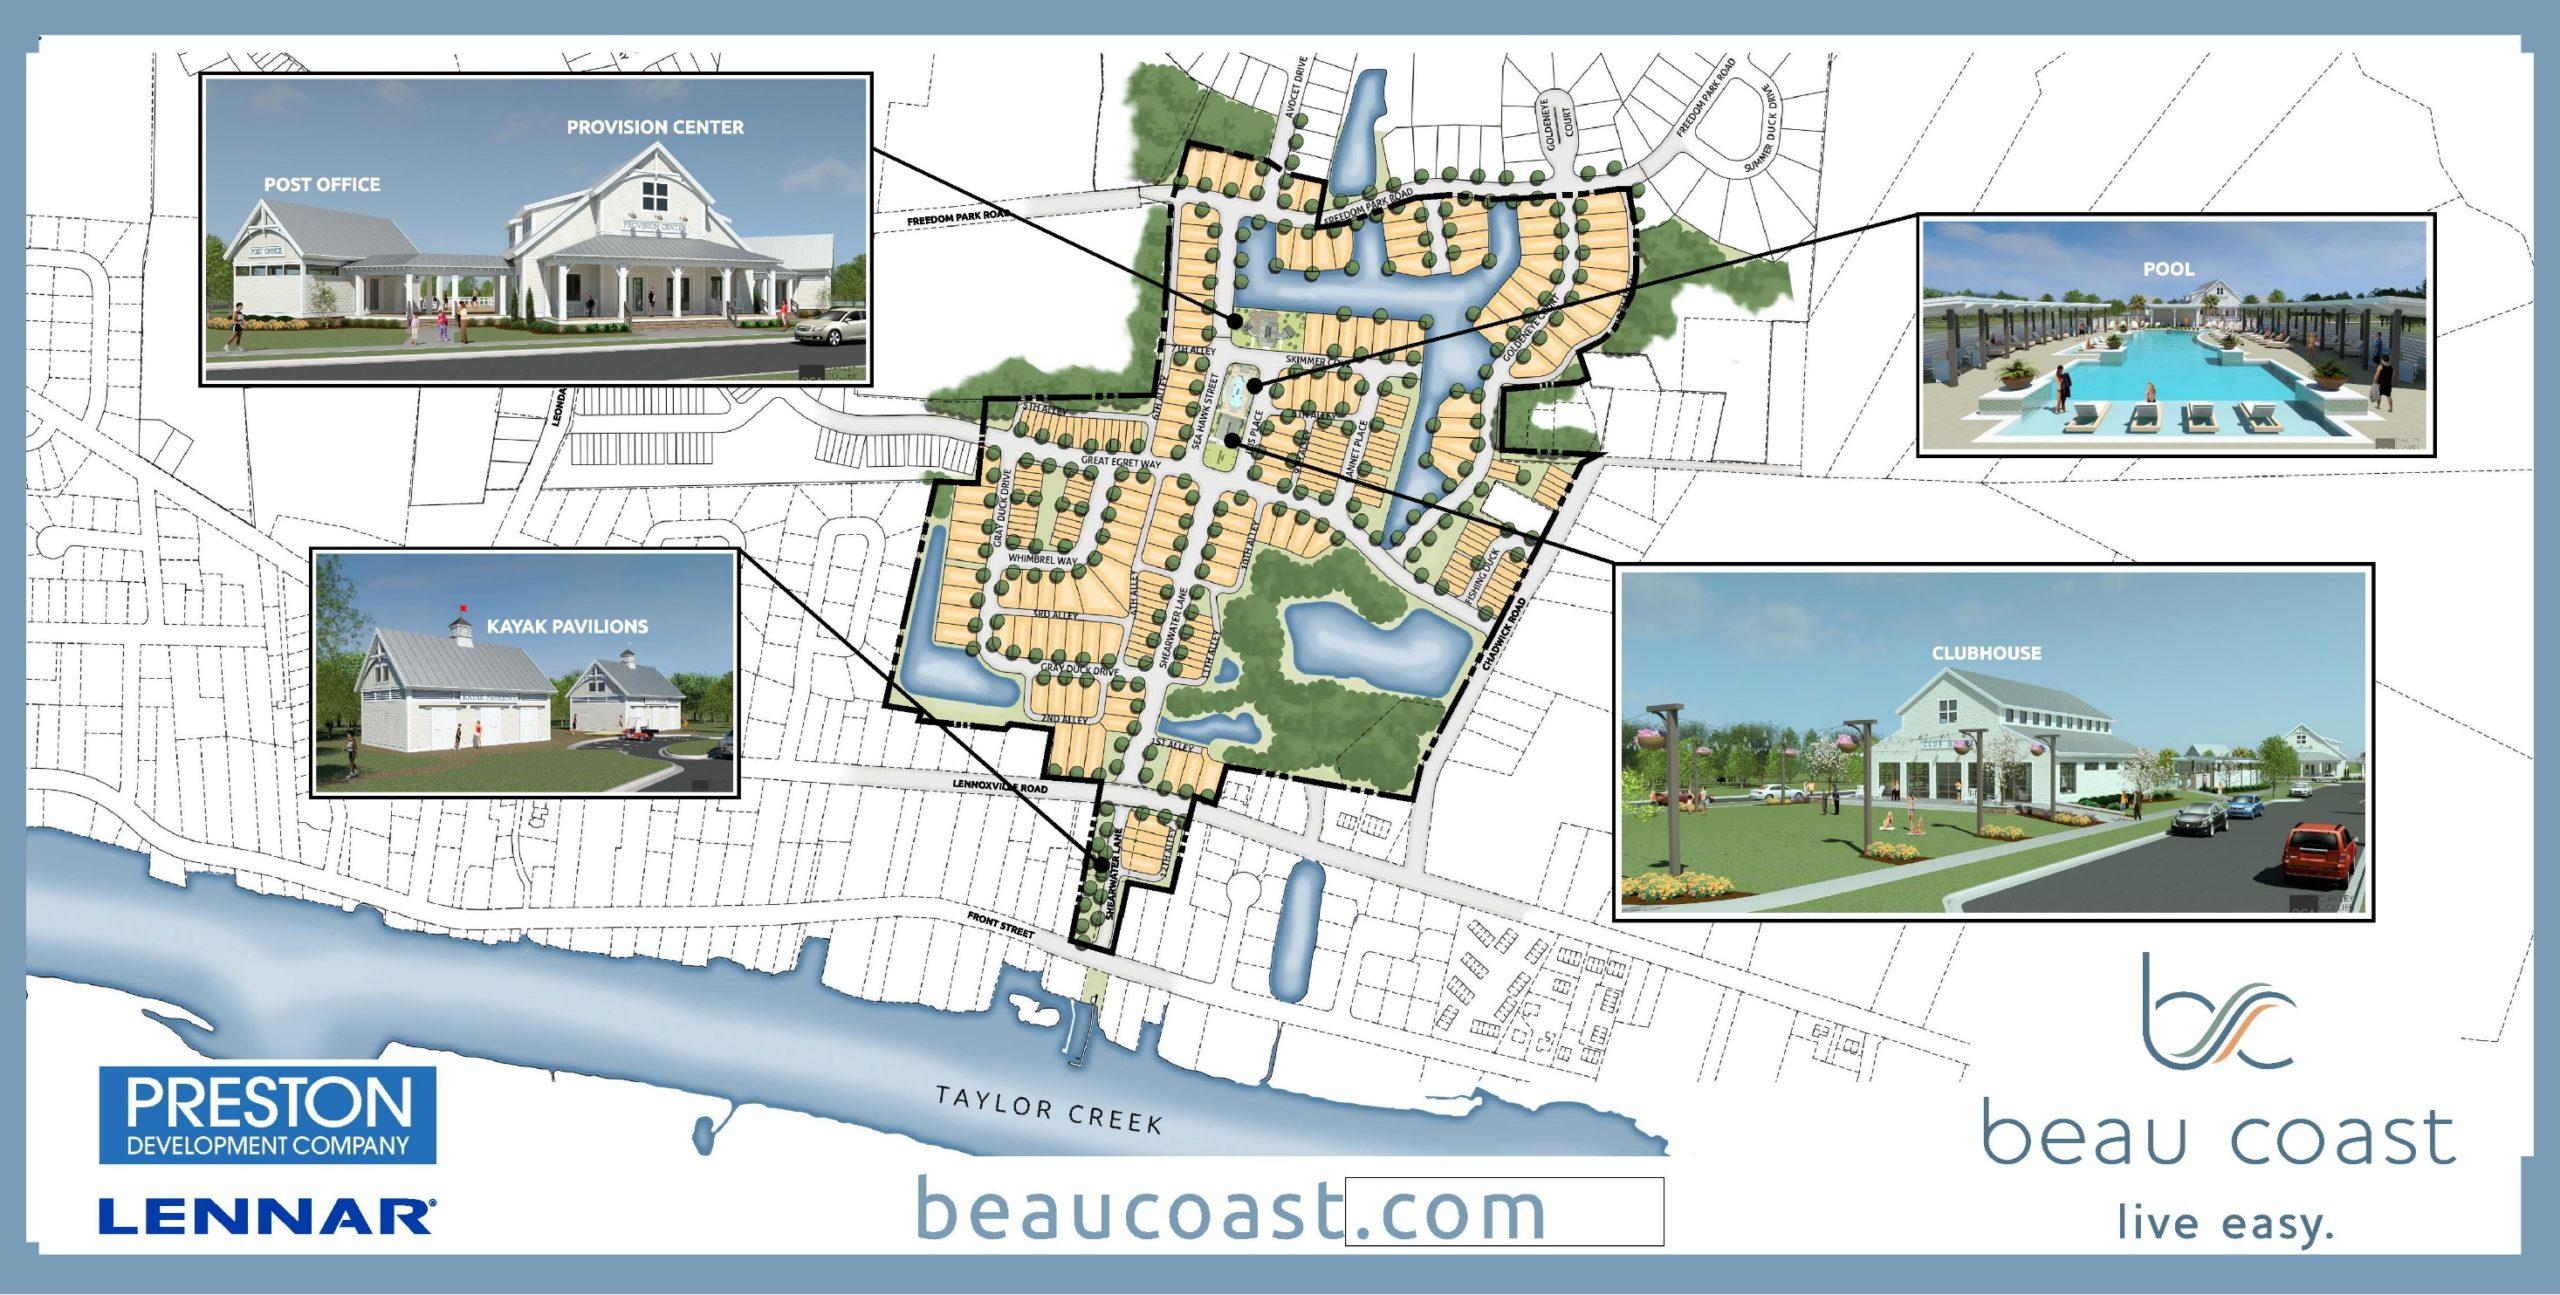 beau-coast (15)